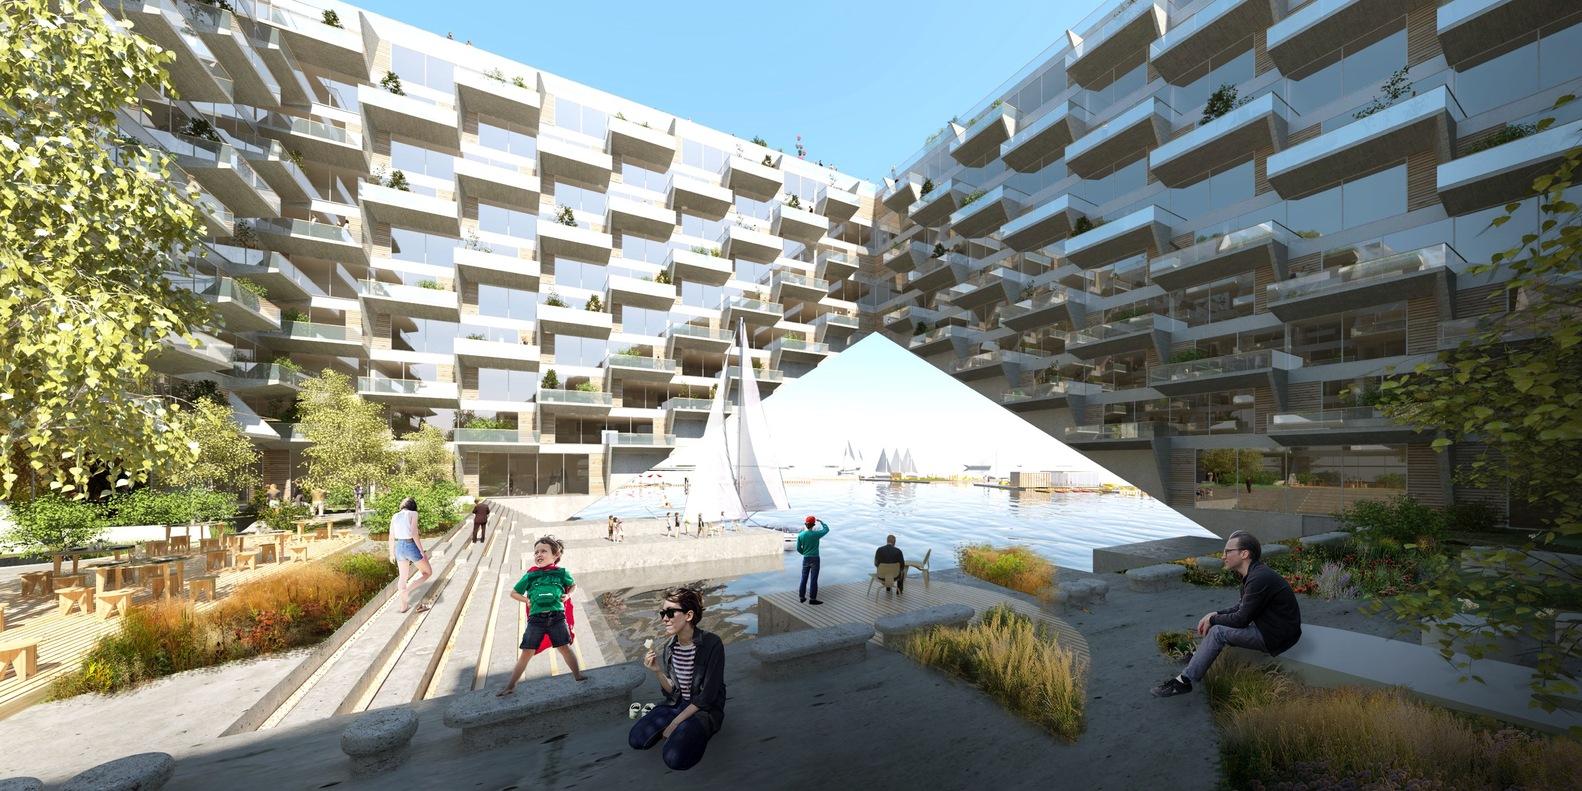 Il nuovo compleaaso Sluishuis di case galleggianti ad Amsterdam